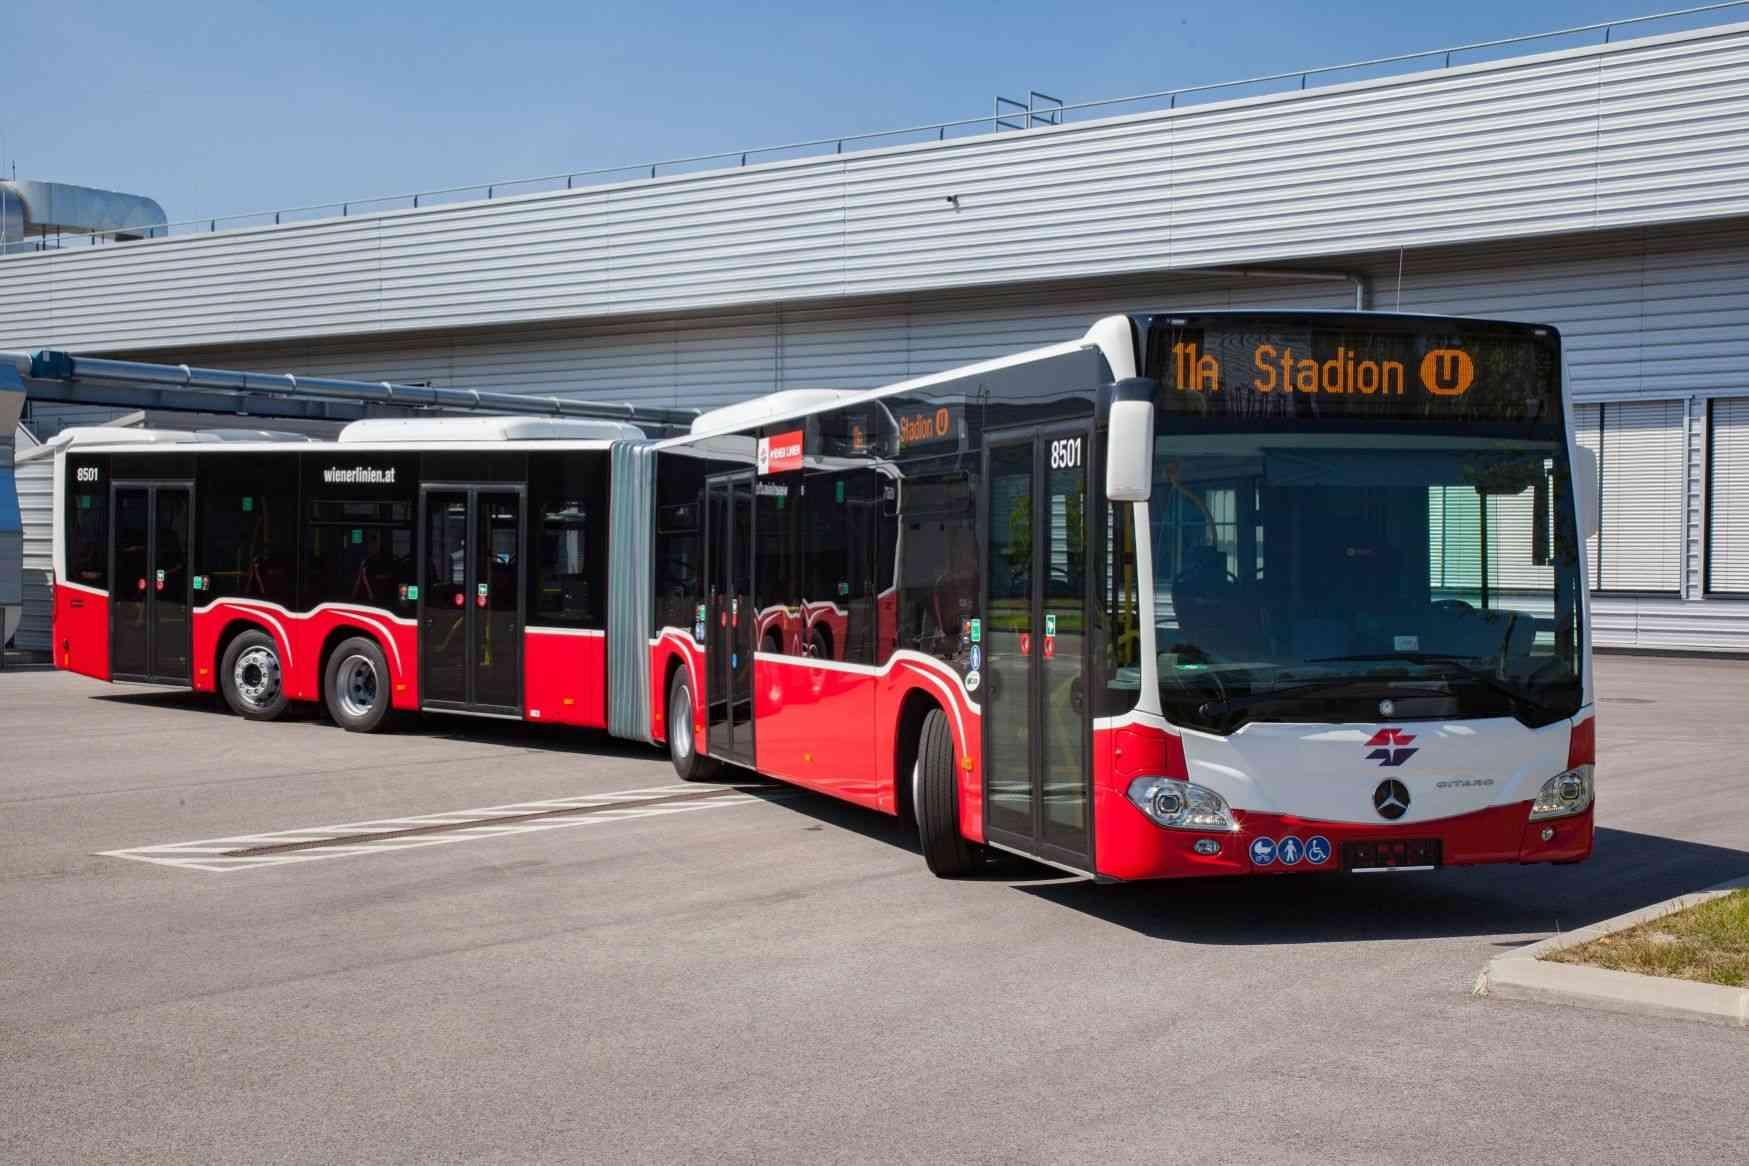 Die neuen XL-Gelenkbusse bietet auf einer Länge von 20 Metern Platz für 120 Personen.